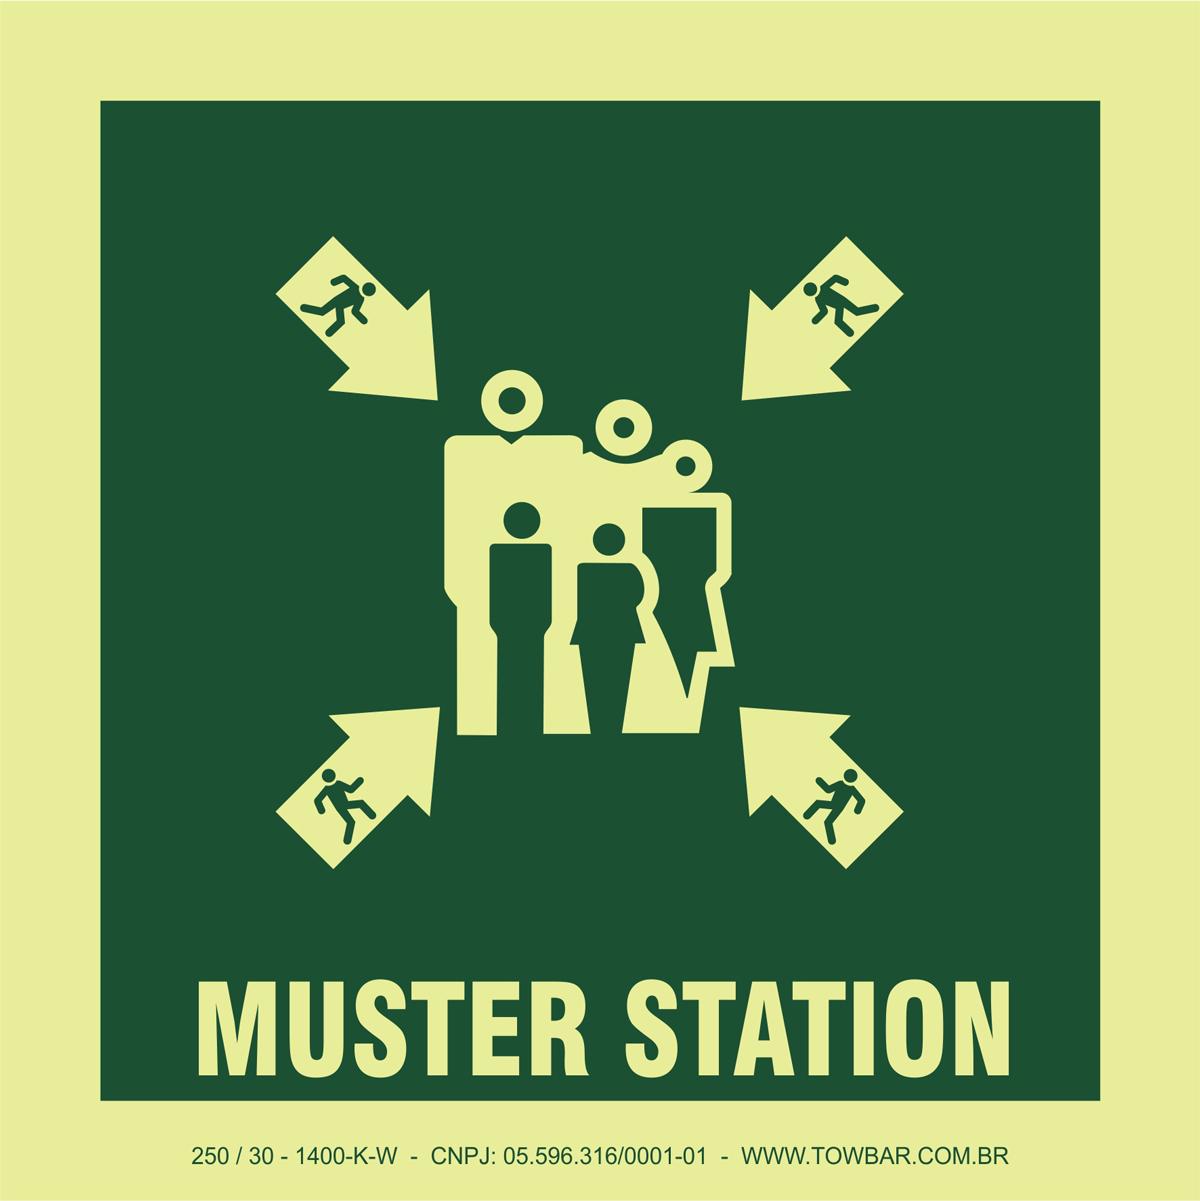 Muster Station  - Towbar Sinalização de Segurança